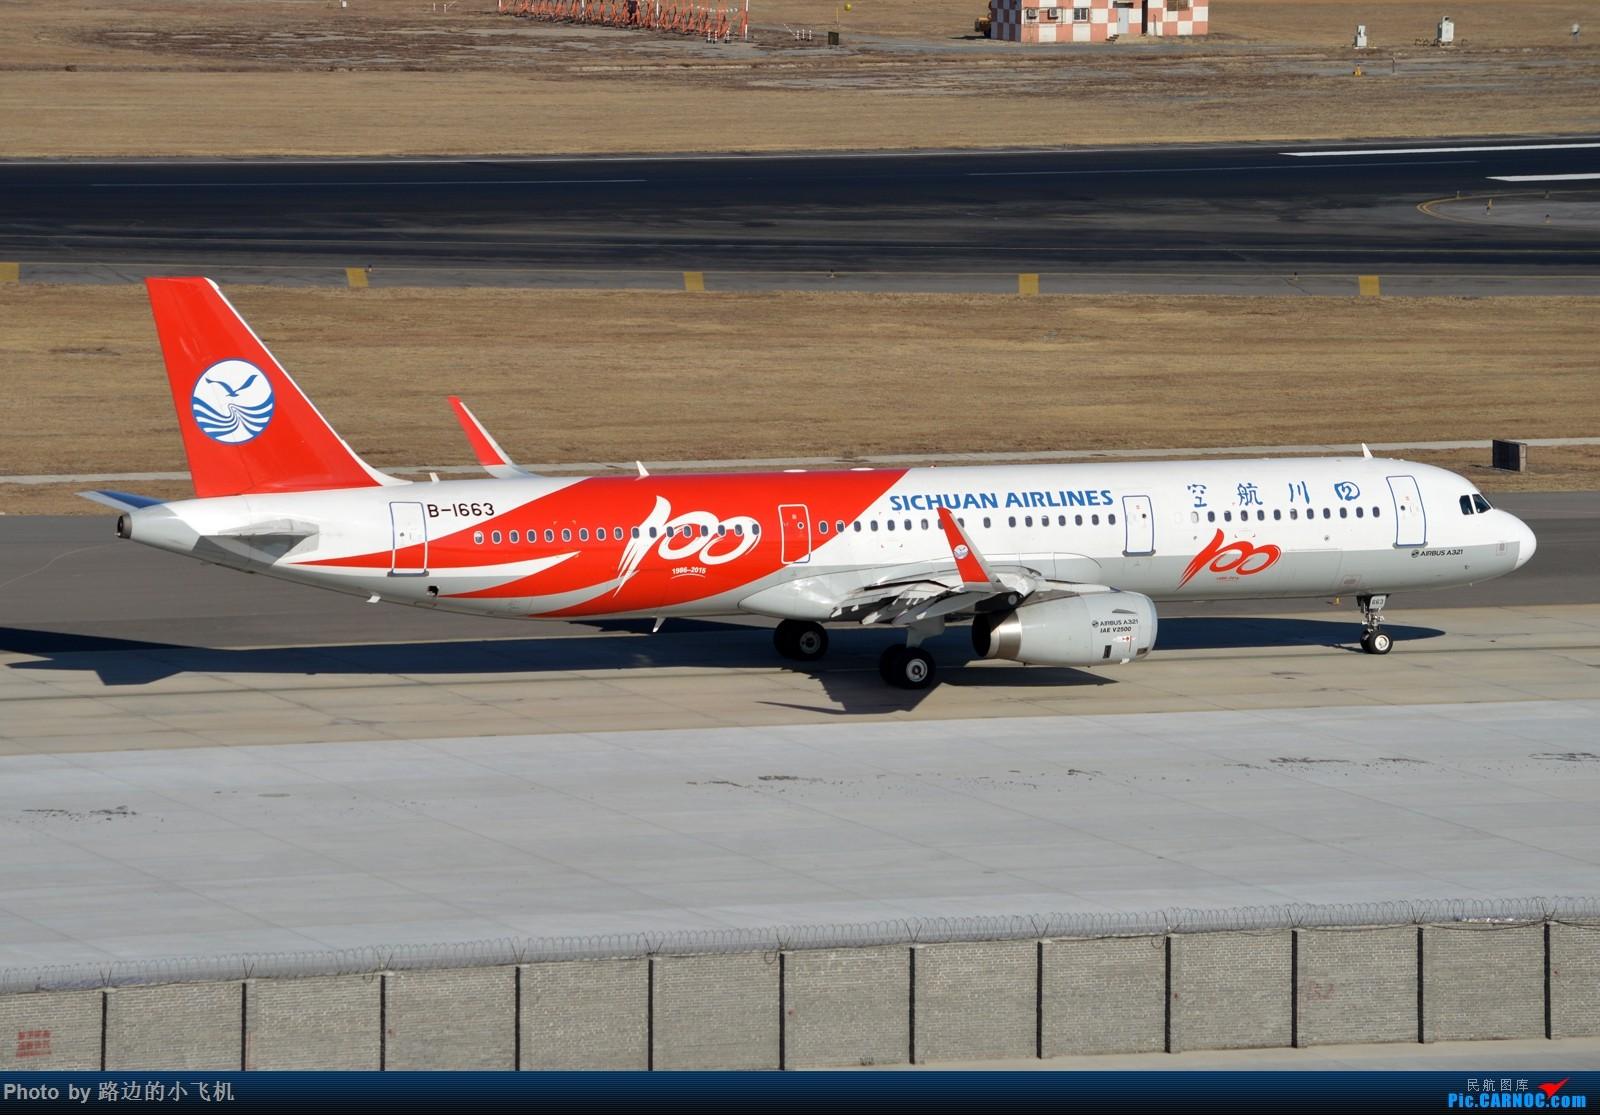 Re:[原创]【DLC】个人向一二月不定期拍机集锦 AIRBUS A321-200 B-1663 大连周水子国际机场